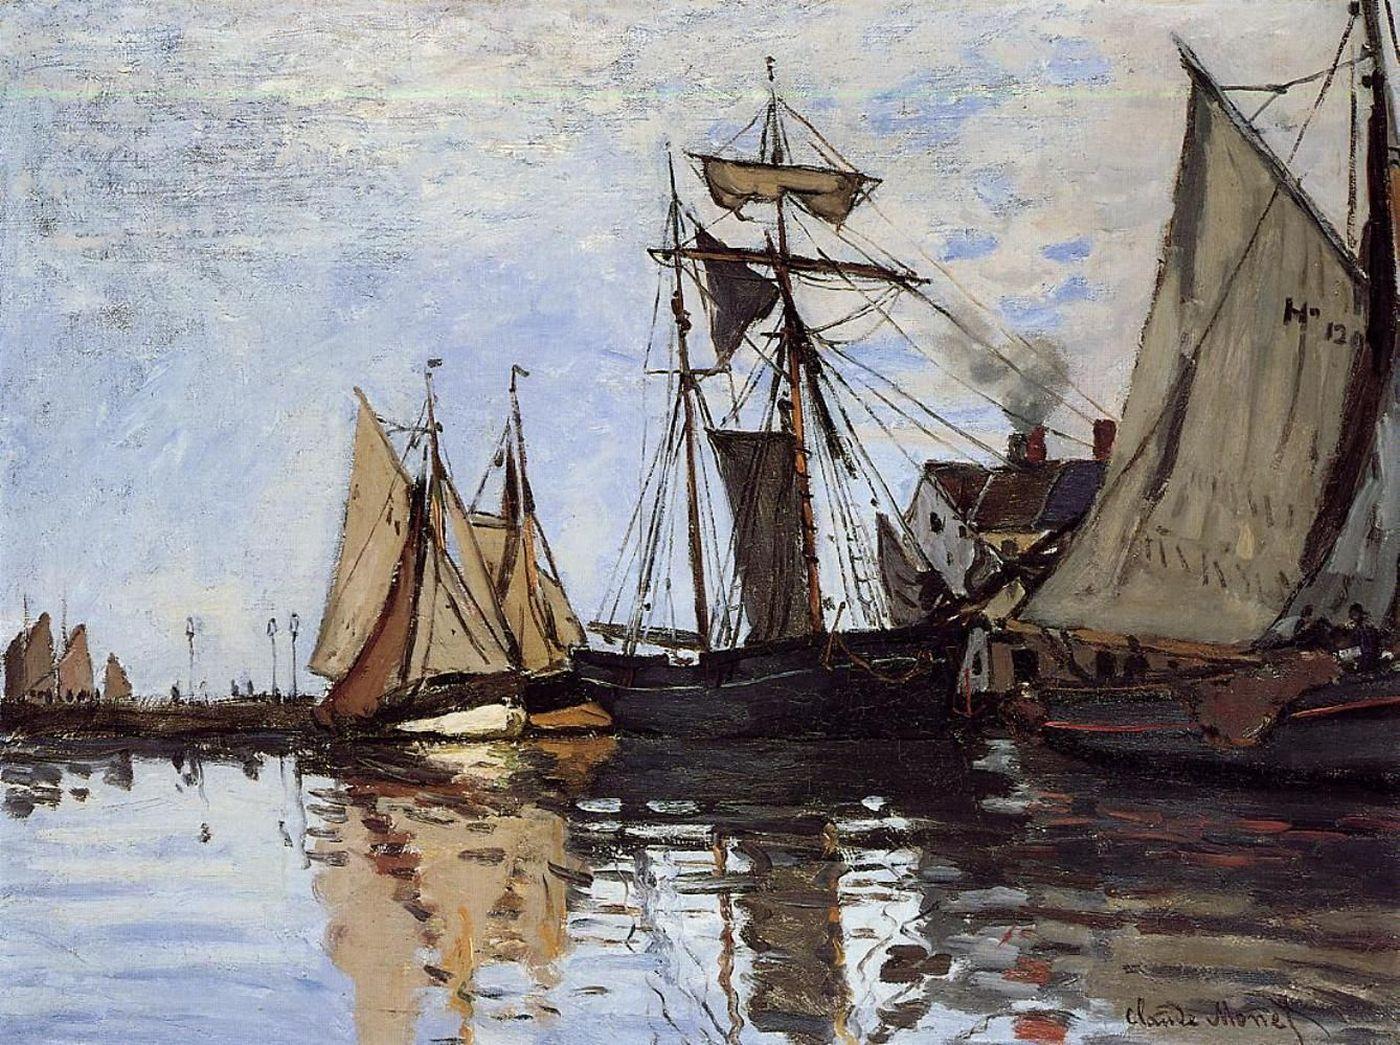 пейзажи - парусники и лодки < Лодки в Порту Онфлёр >:: Клод Моне, описание картины - Claude Monet фото